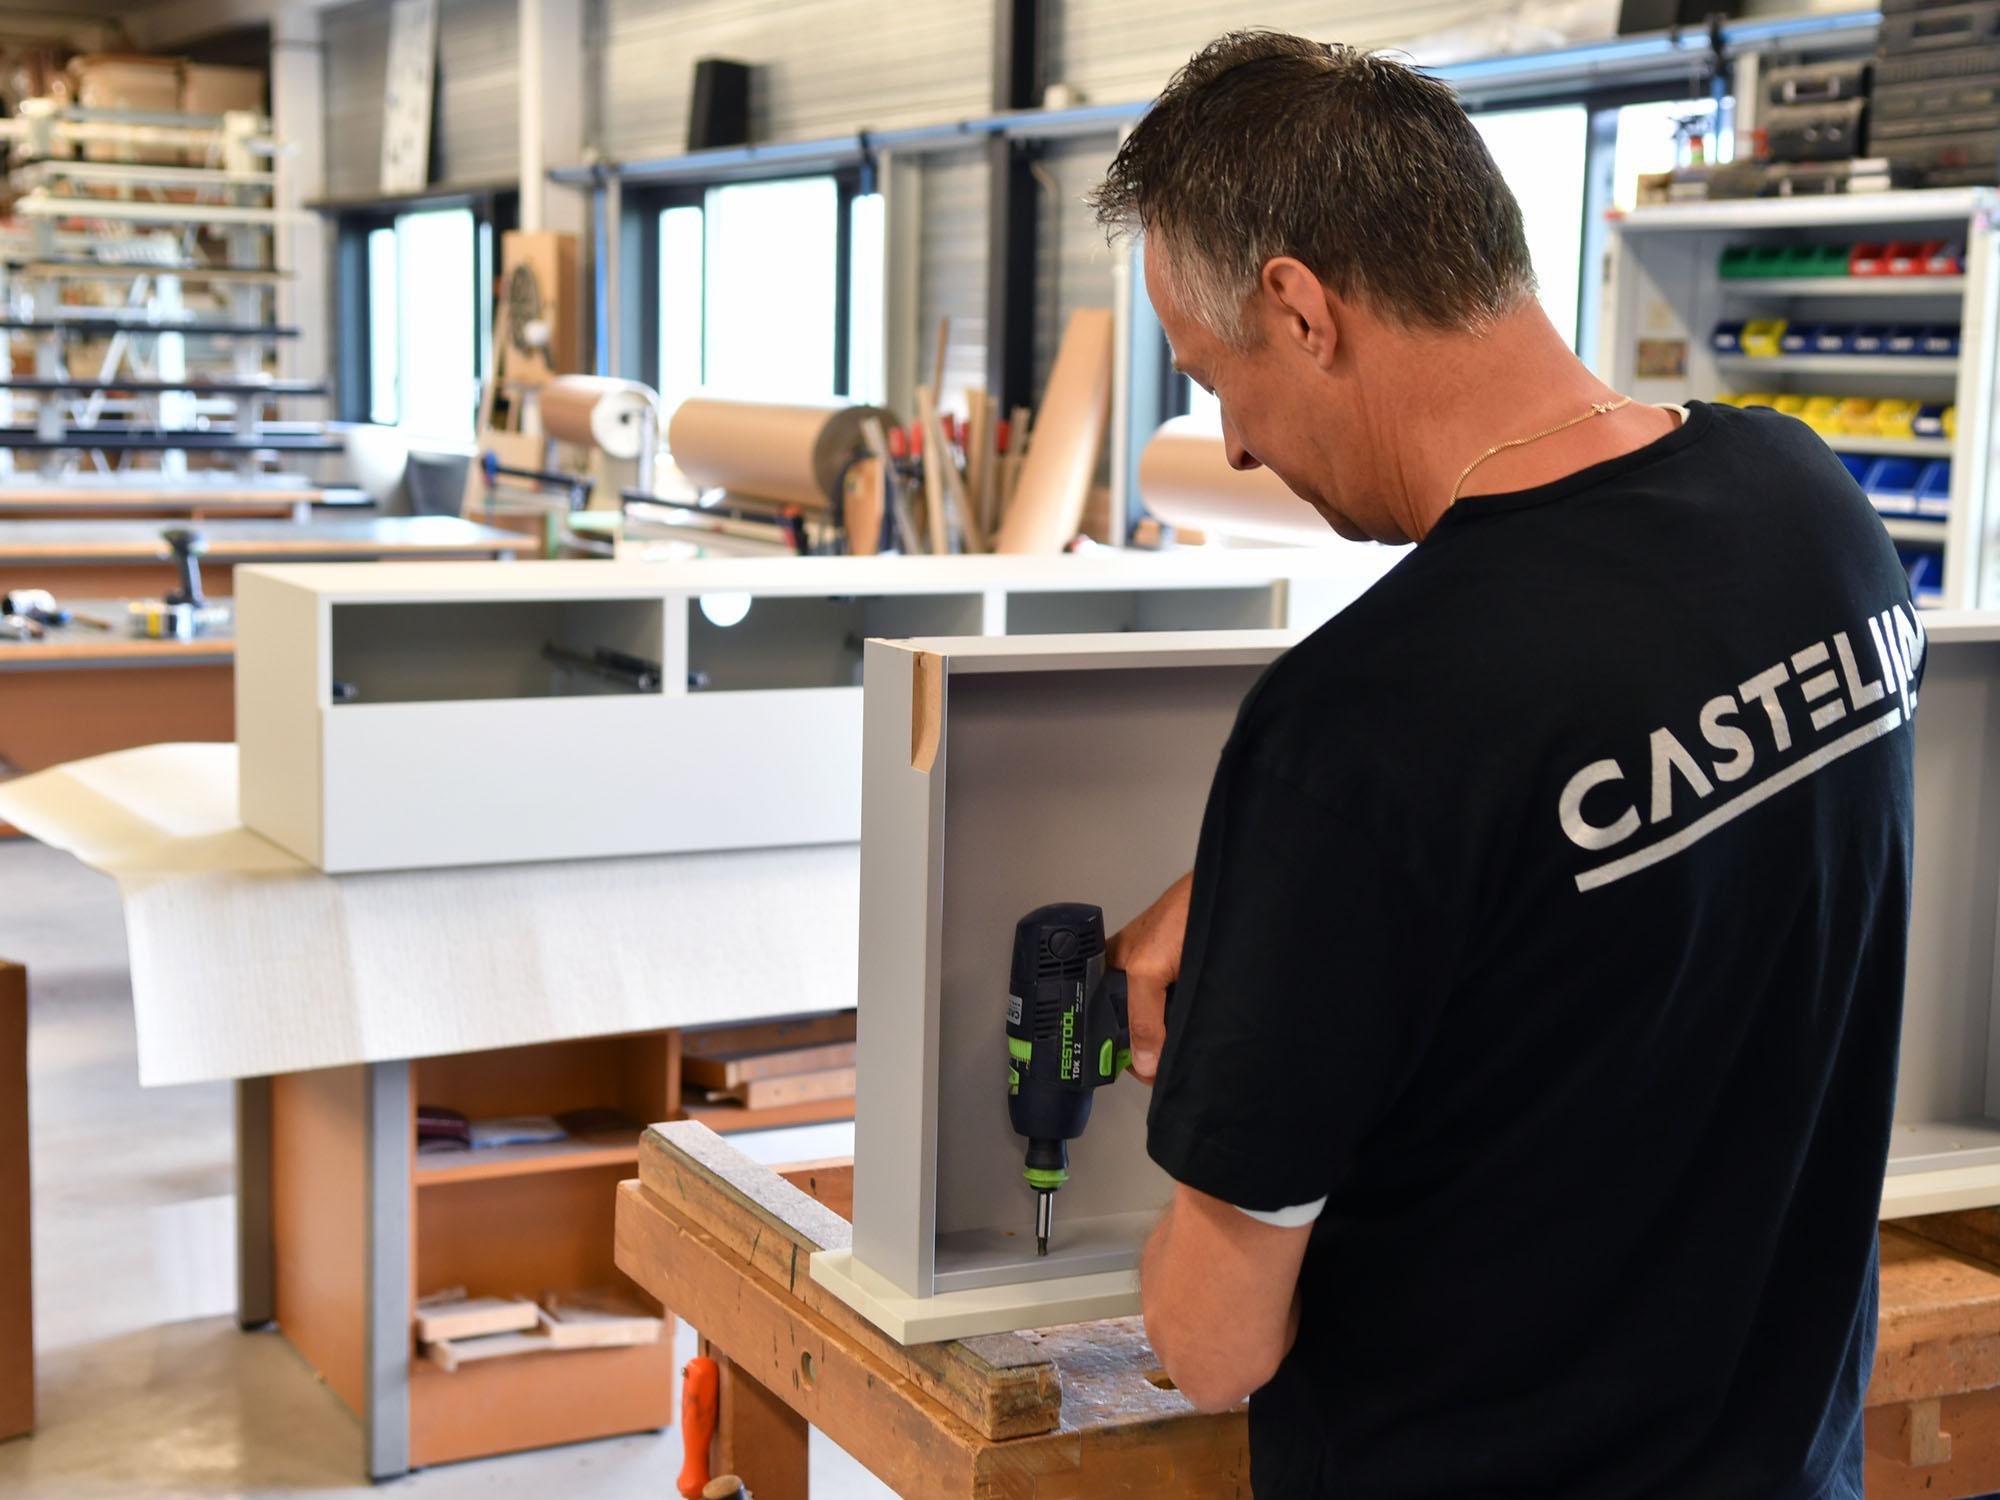 De meubels worden bij de afmontagehal grotendeels gemonteerd waarna ze klaar zijn voor transport